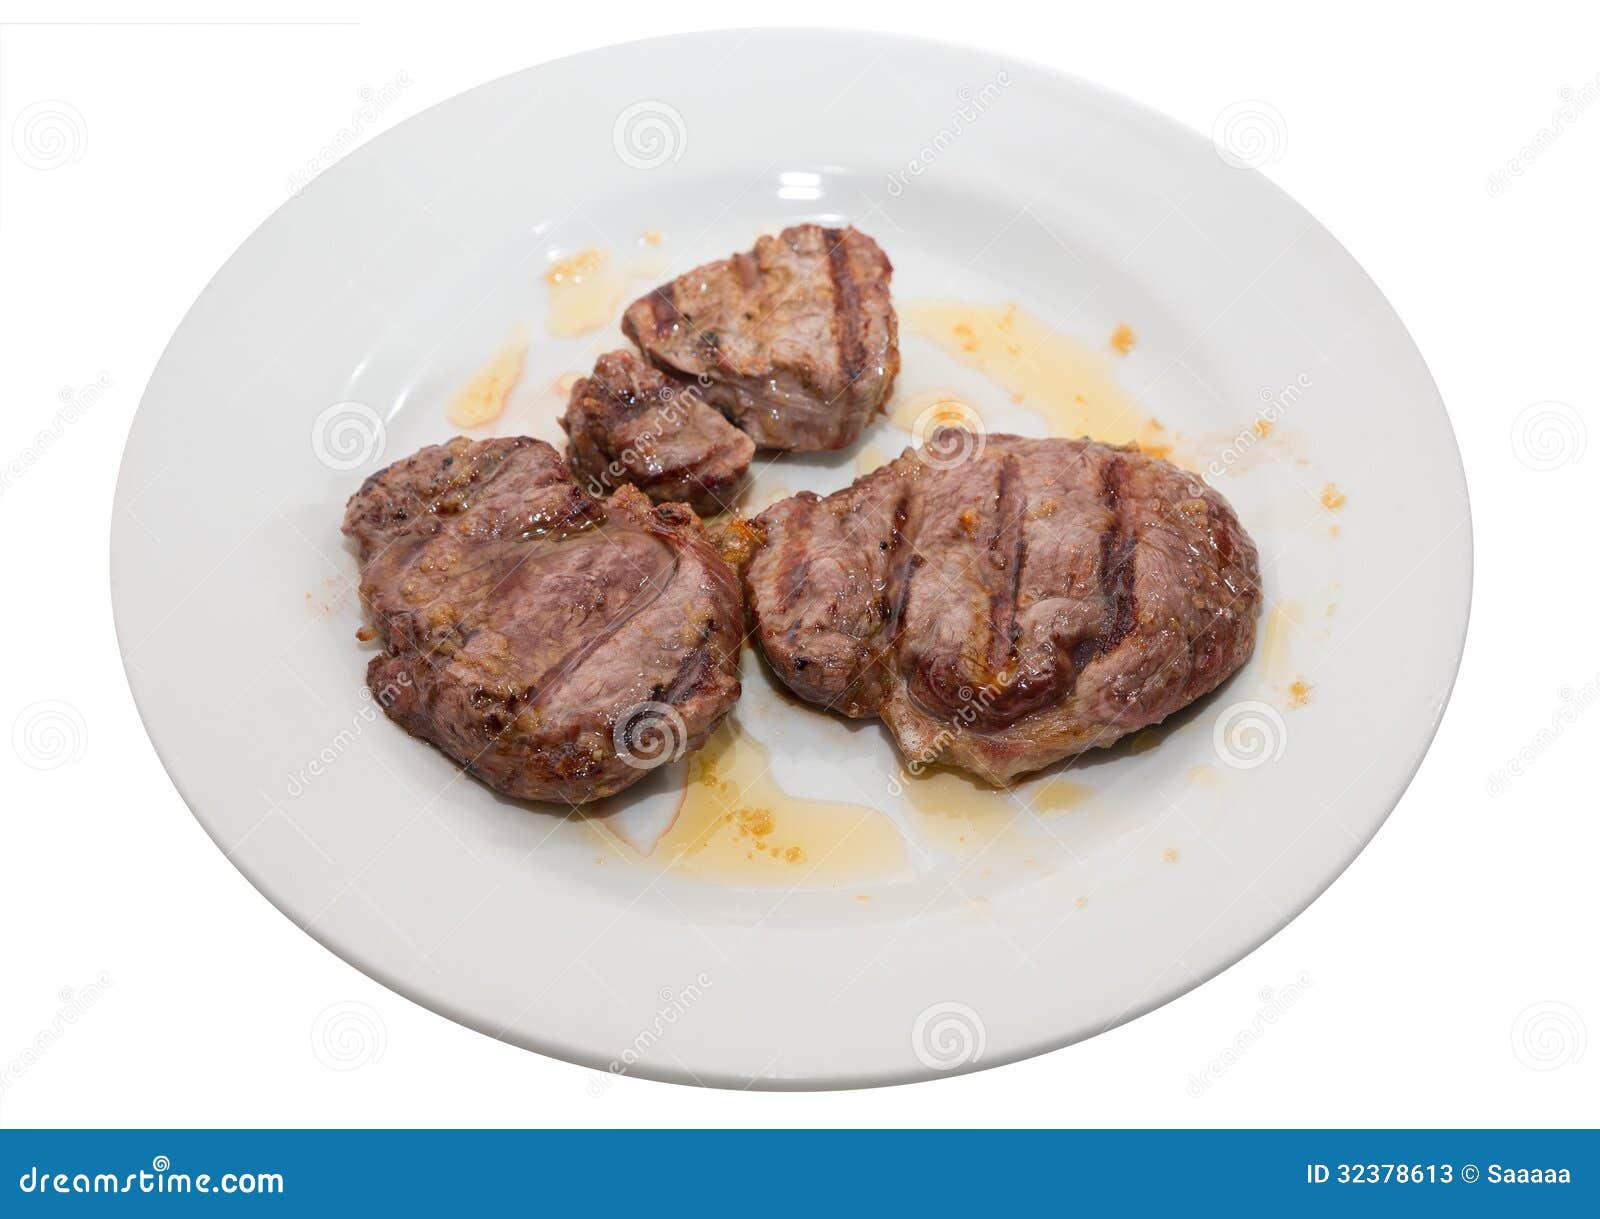 Sirloin steak on white...